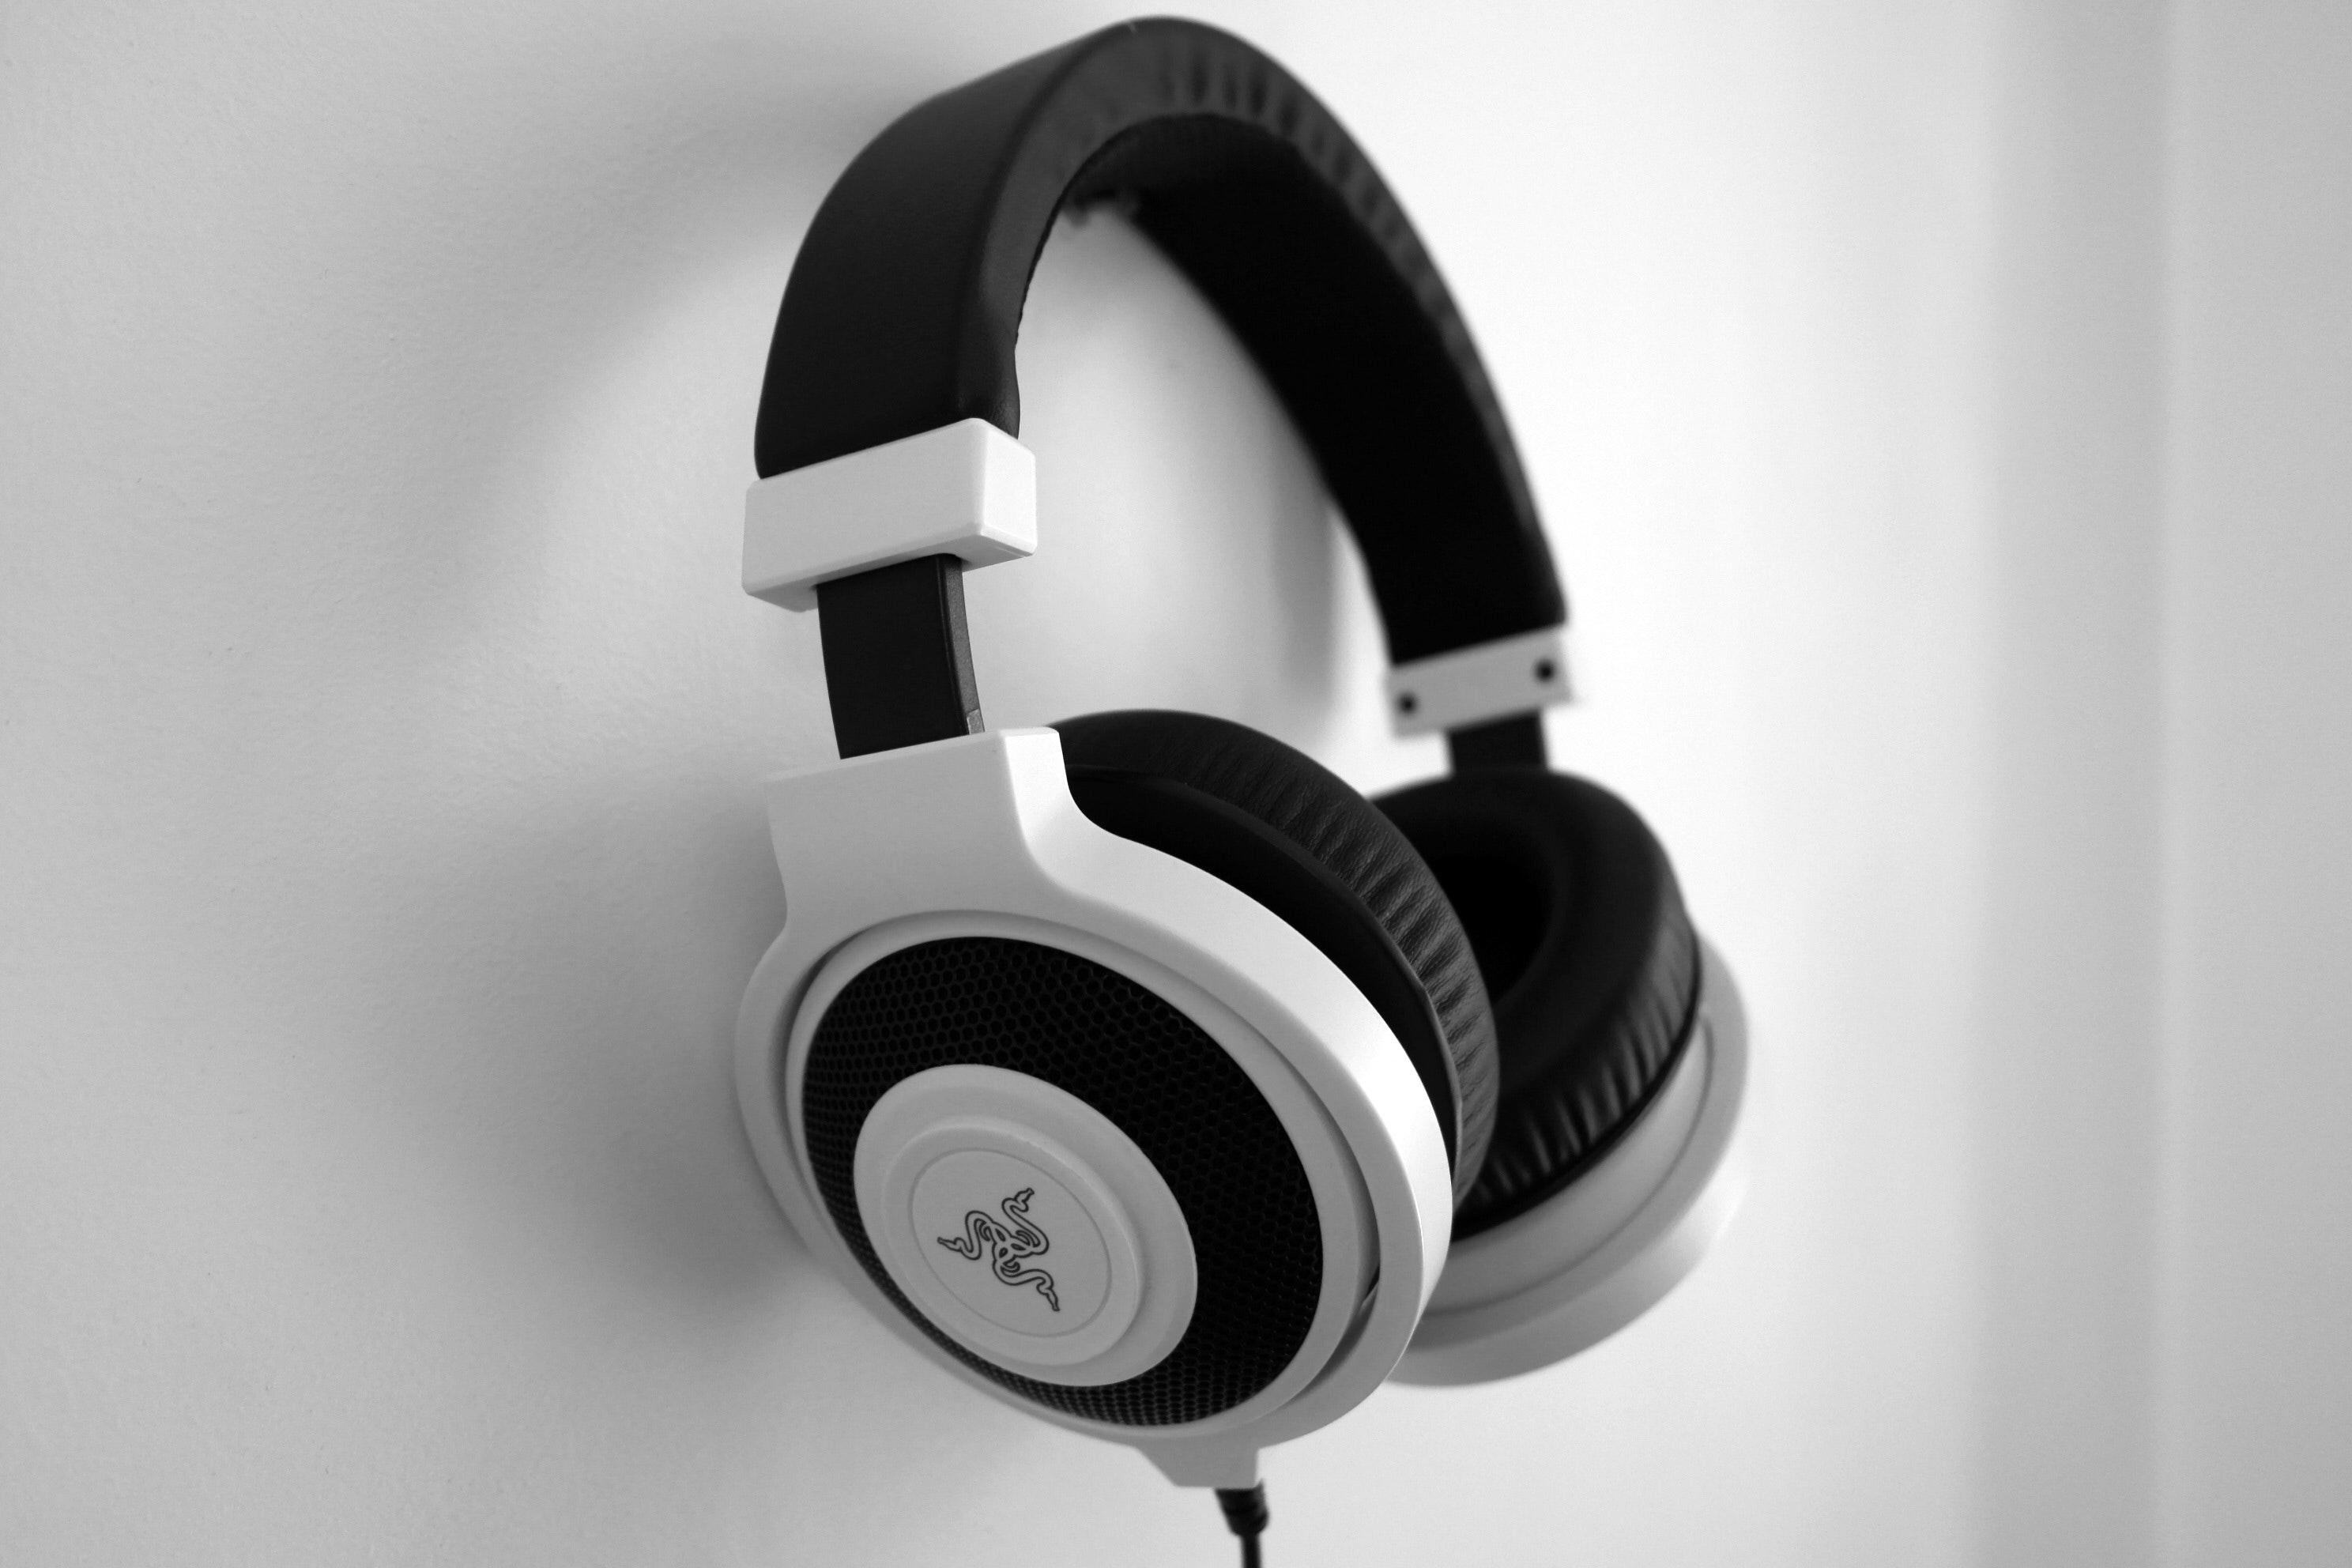 200+ Amazing Headphones Photos · Pexels · Free Stock Photos